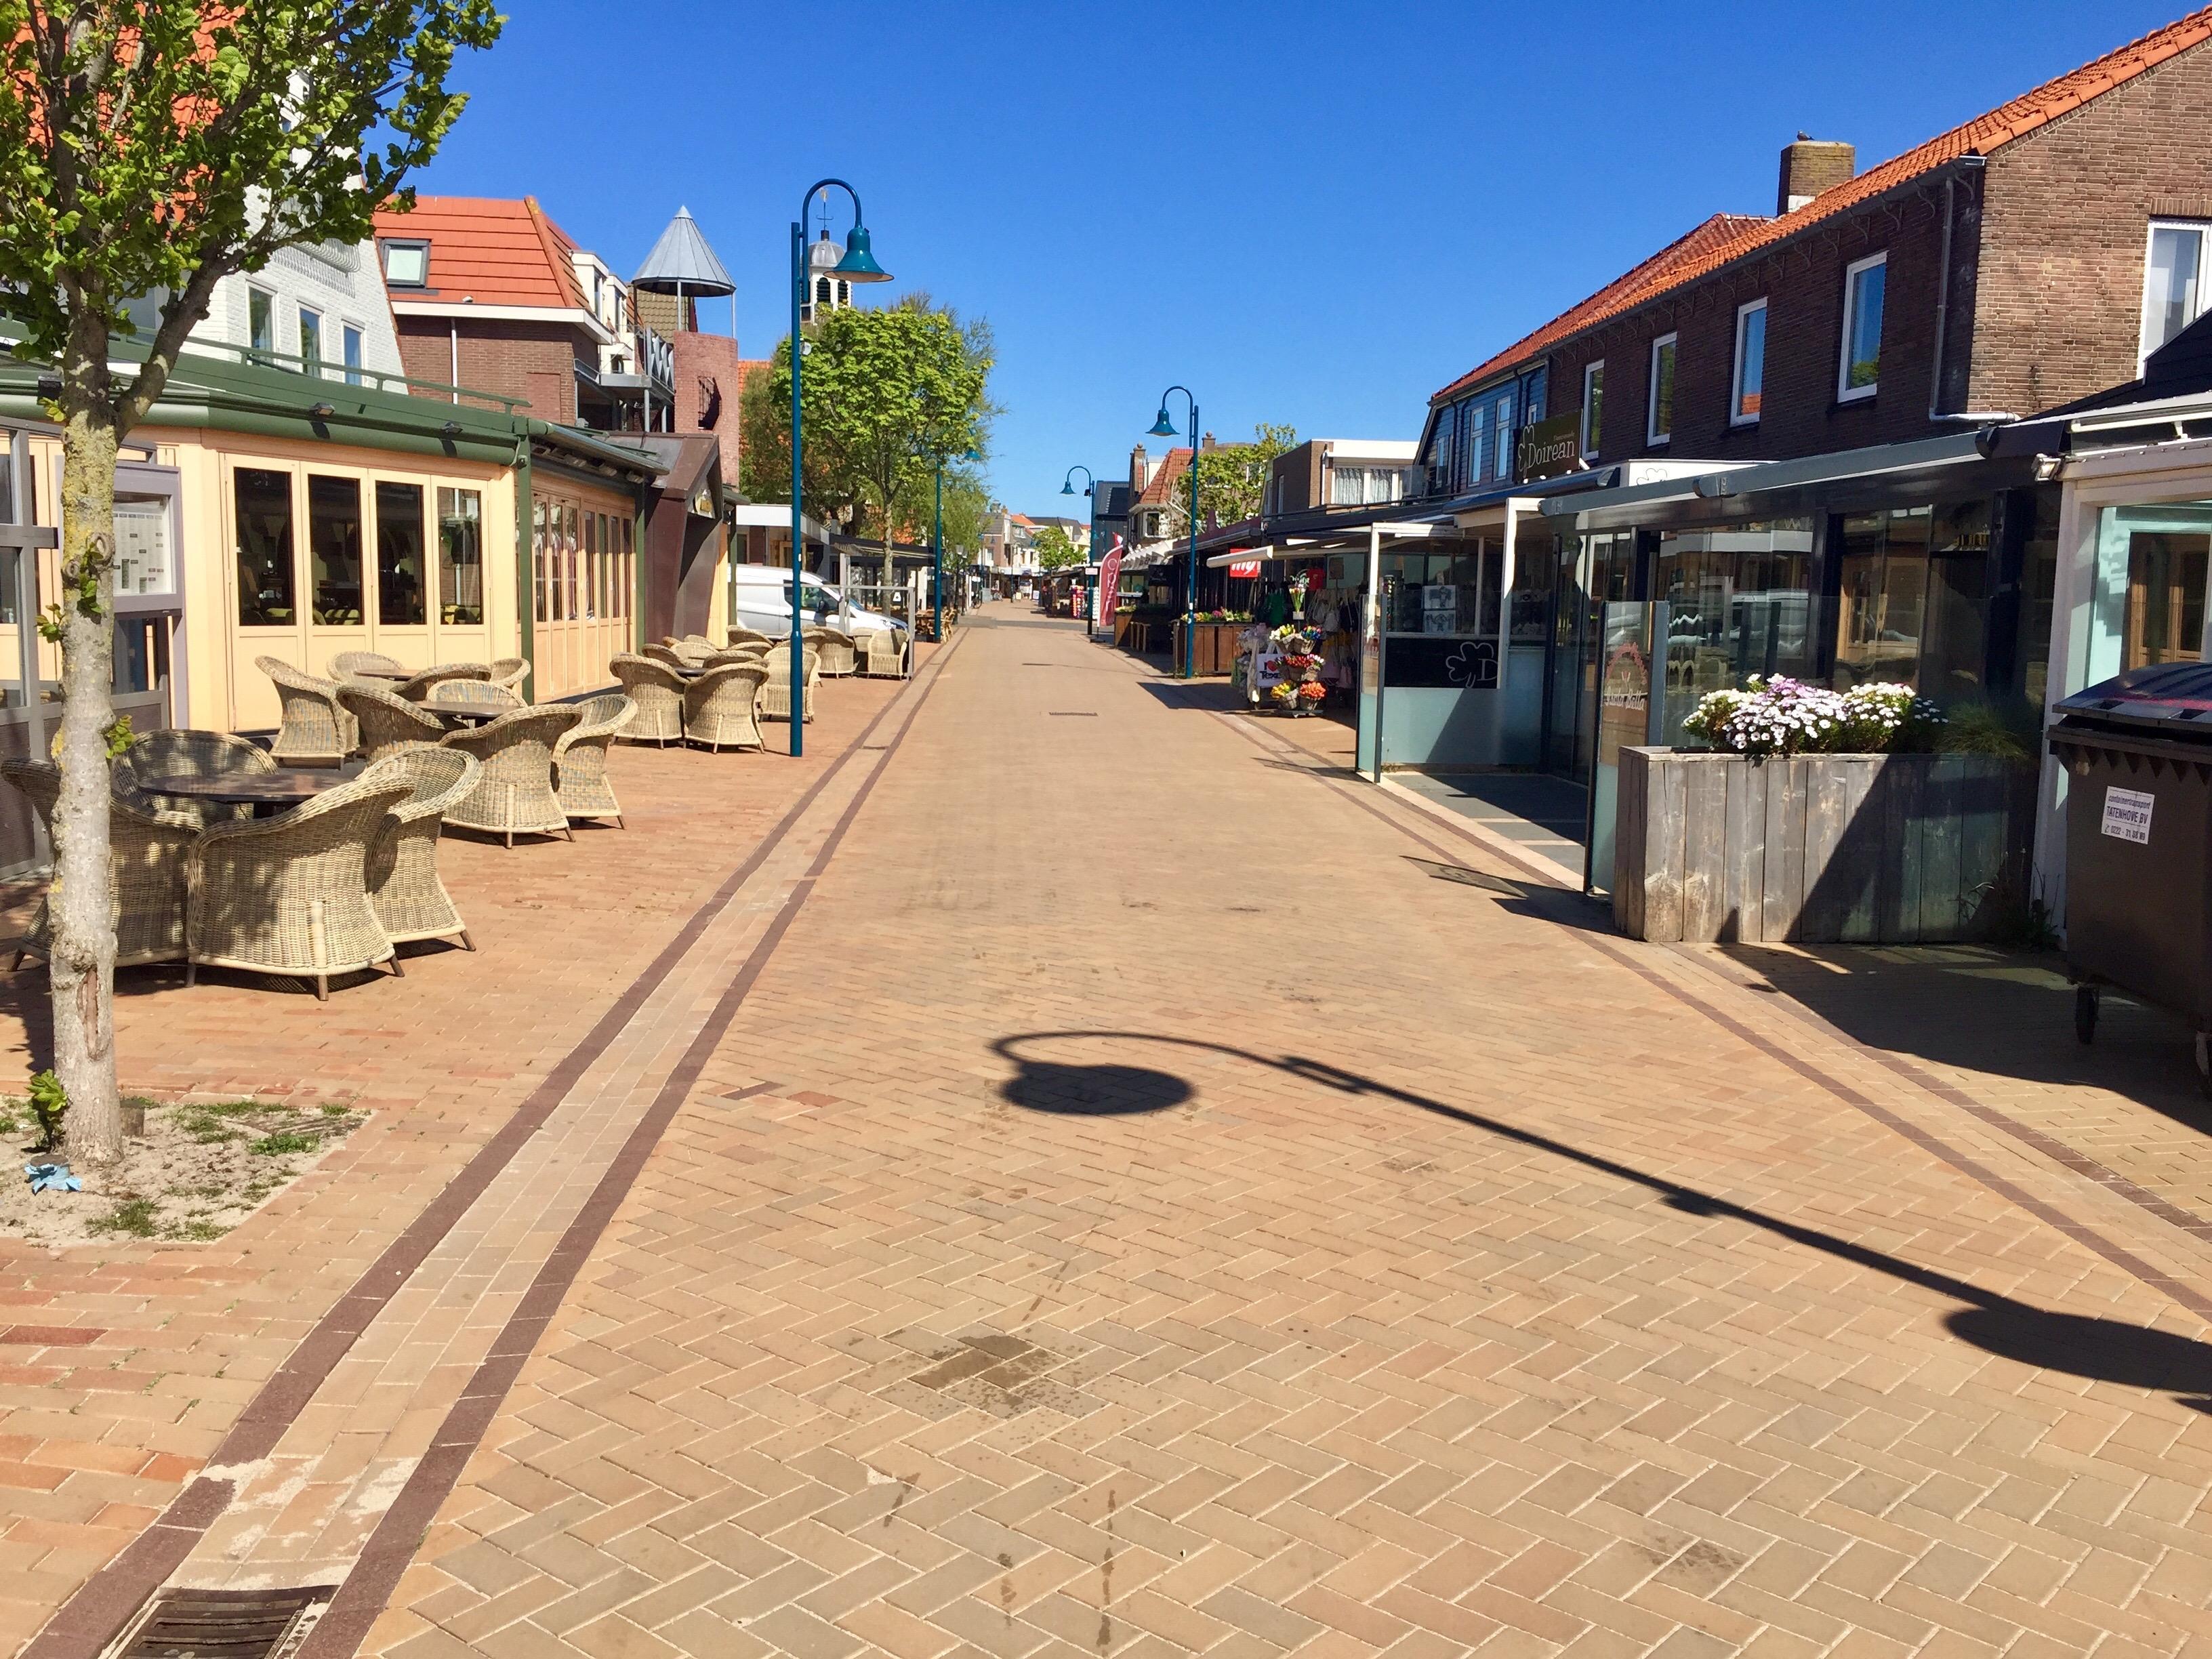 Meivakantie. Normaal is Texel dan vol, nu is het eiland uitgestorven. Nauwelijks een toerist te zien. Sommige eilanders genieten van die rust. Maar ondernemers worden hard geraakt. 'Dit heb ik nog nooit meegemaakt' [Longread]